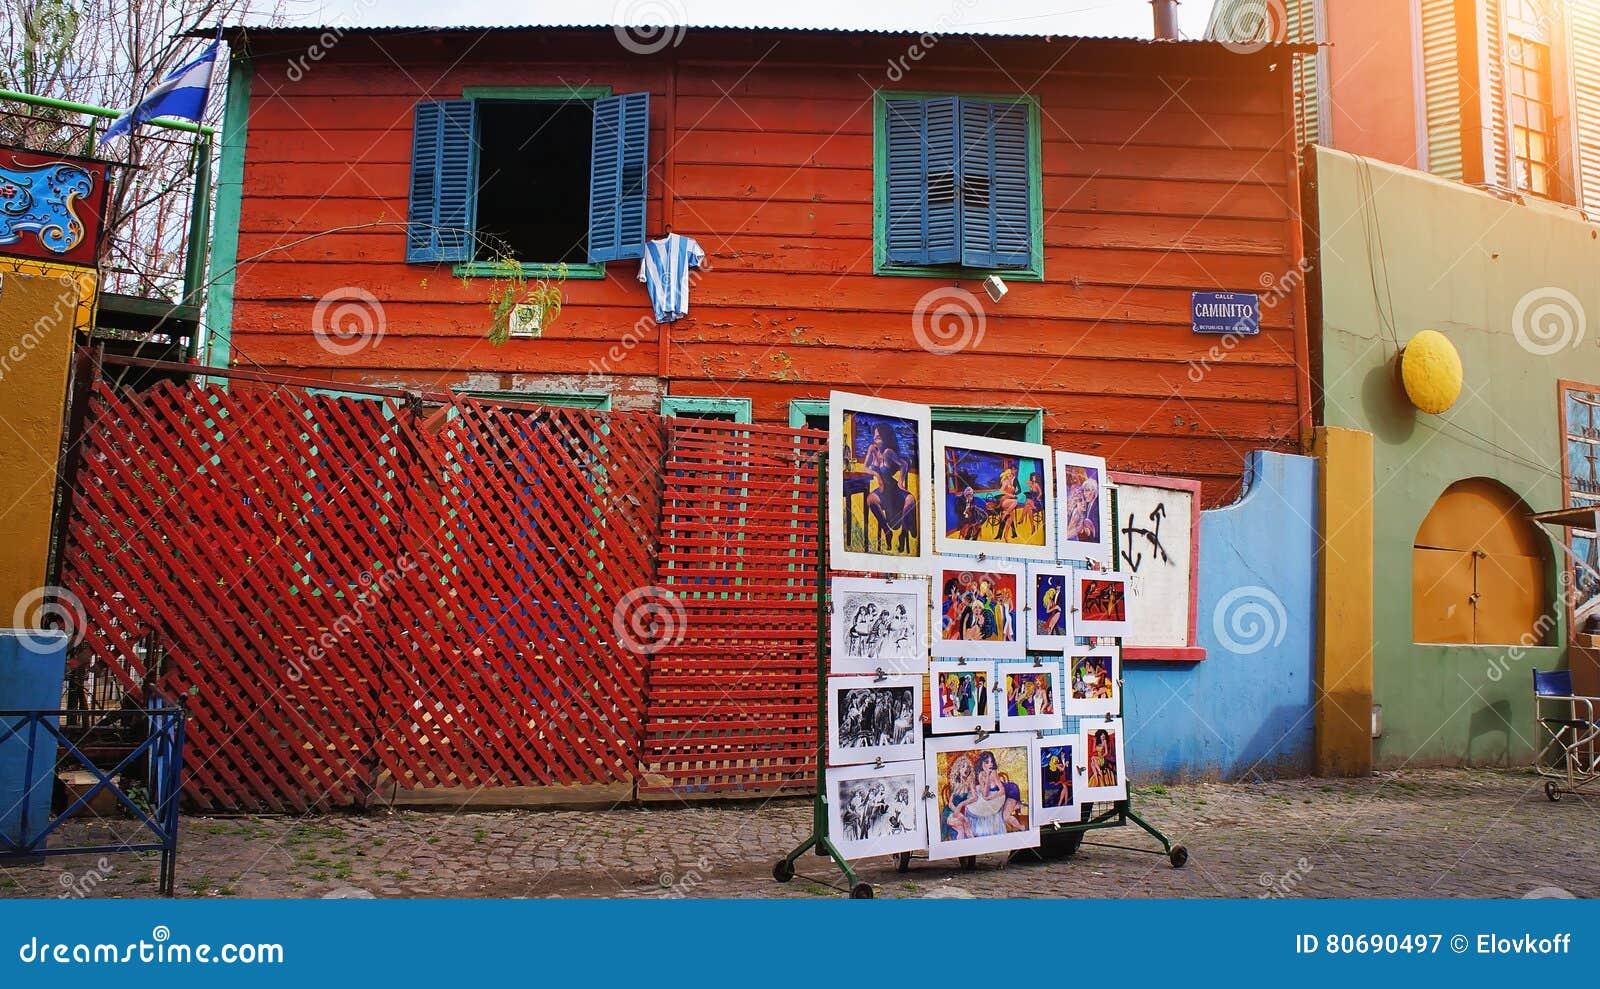 El Caminito, Buenos Aires, La Boca